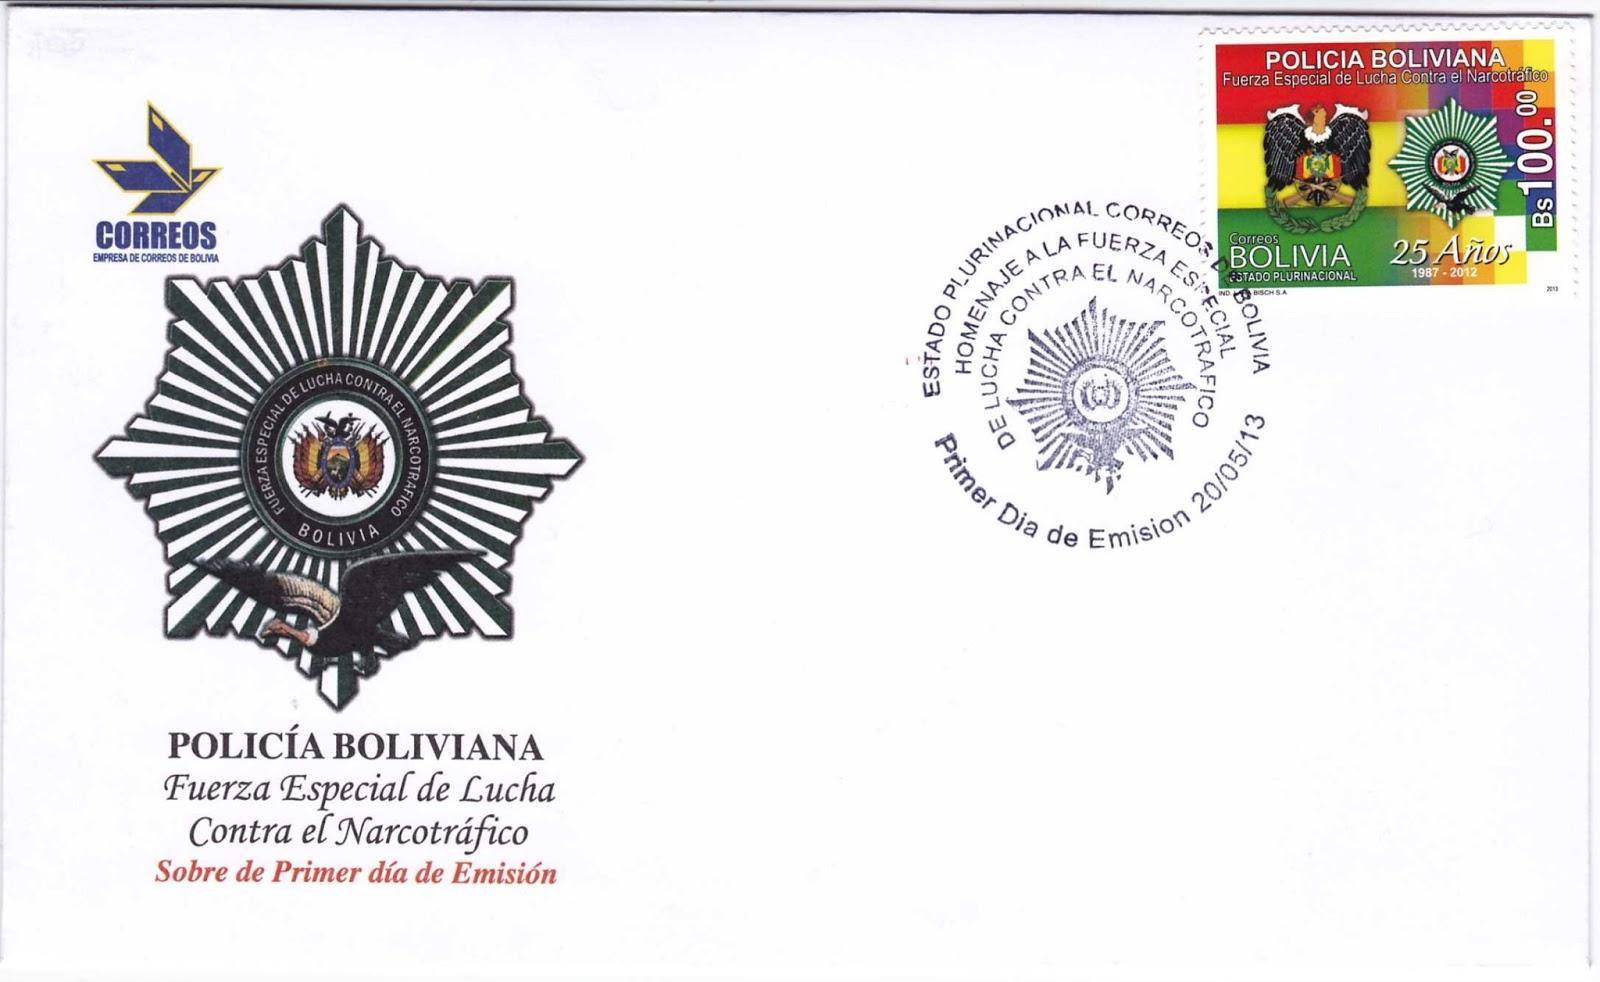 Sellos de bolivia policia boliviana for Sello del ministerio del interior